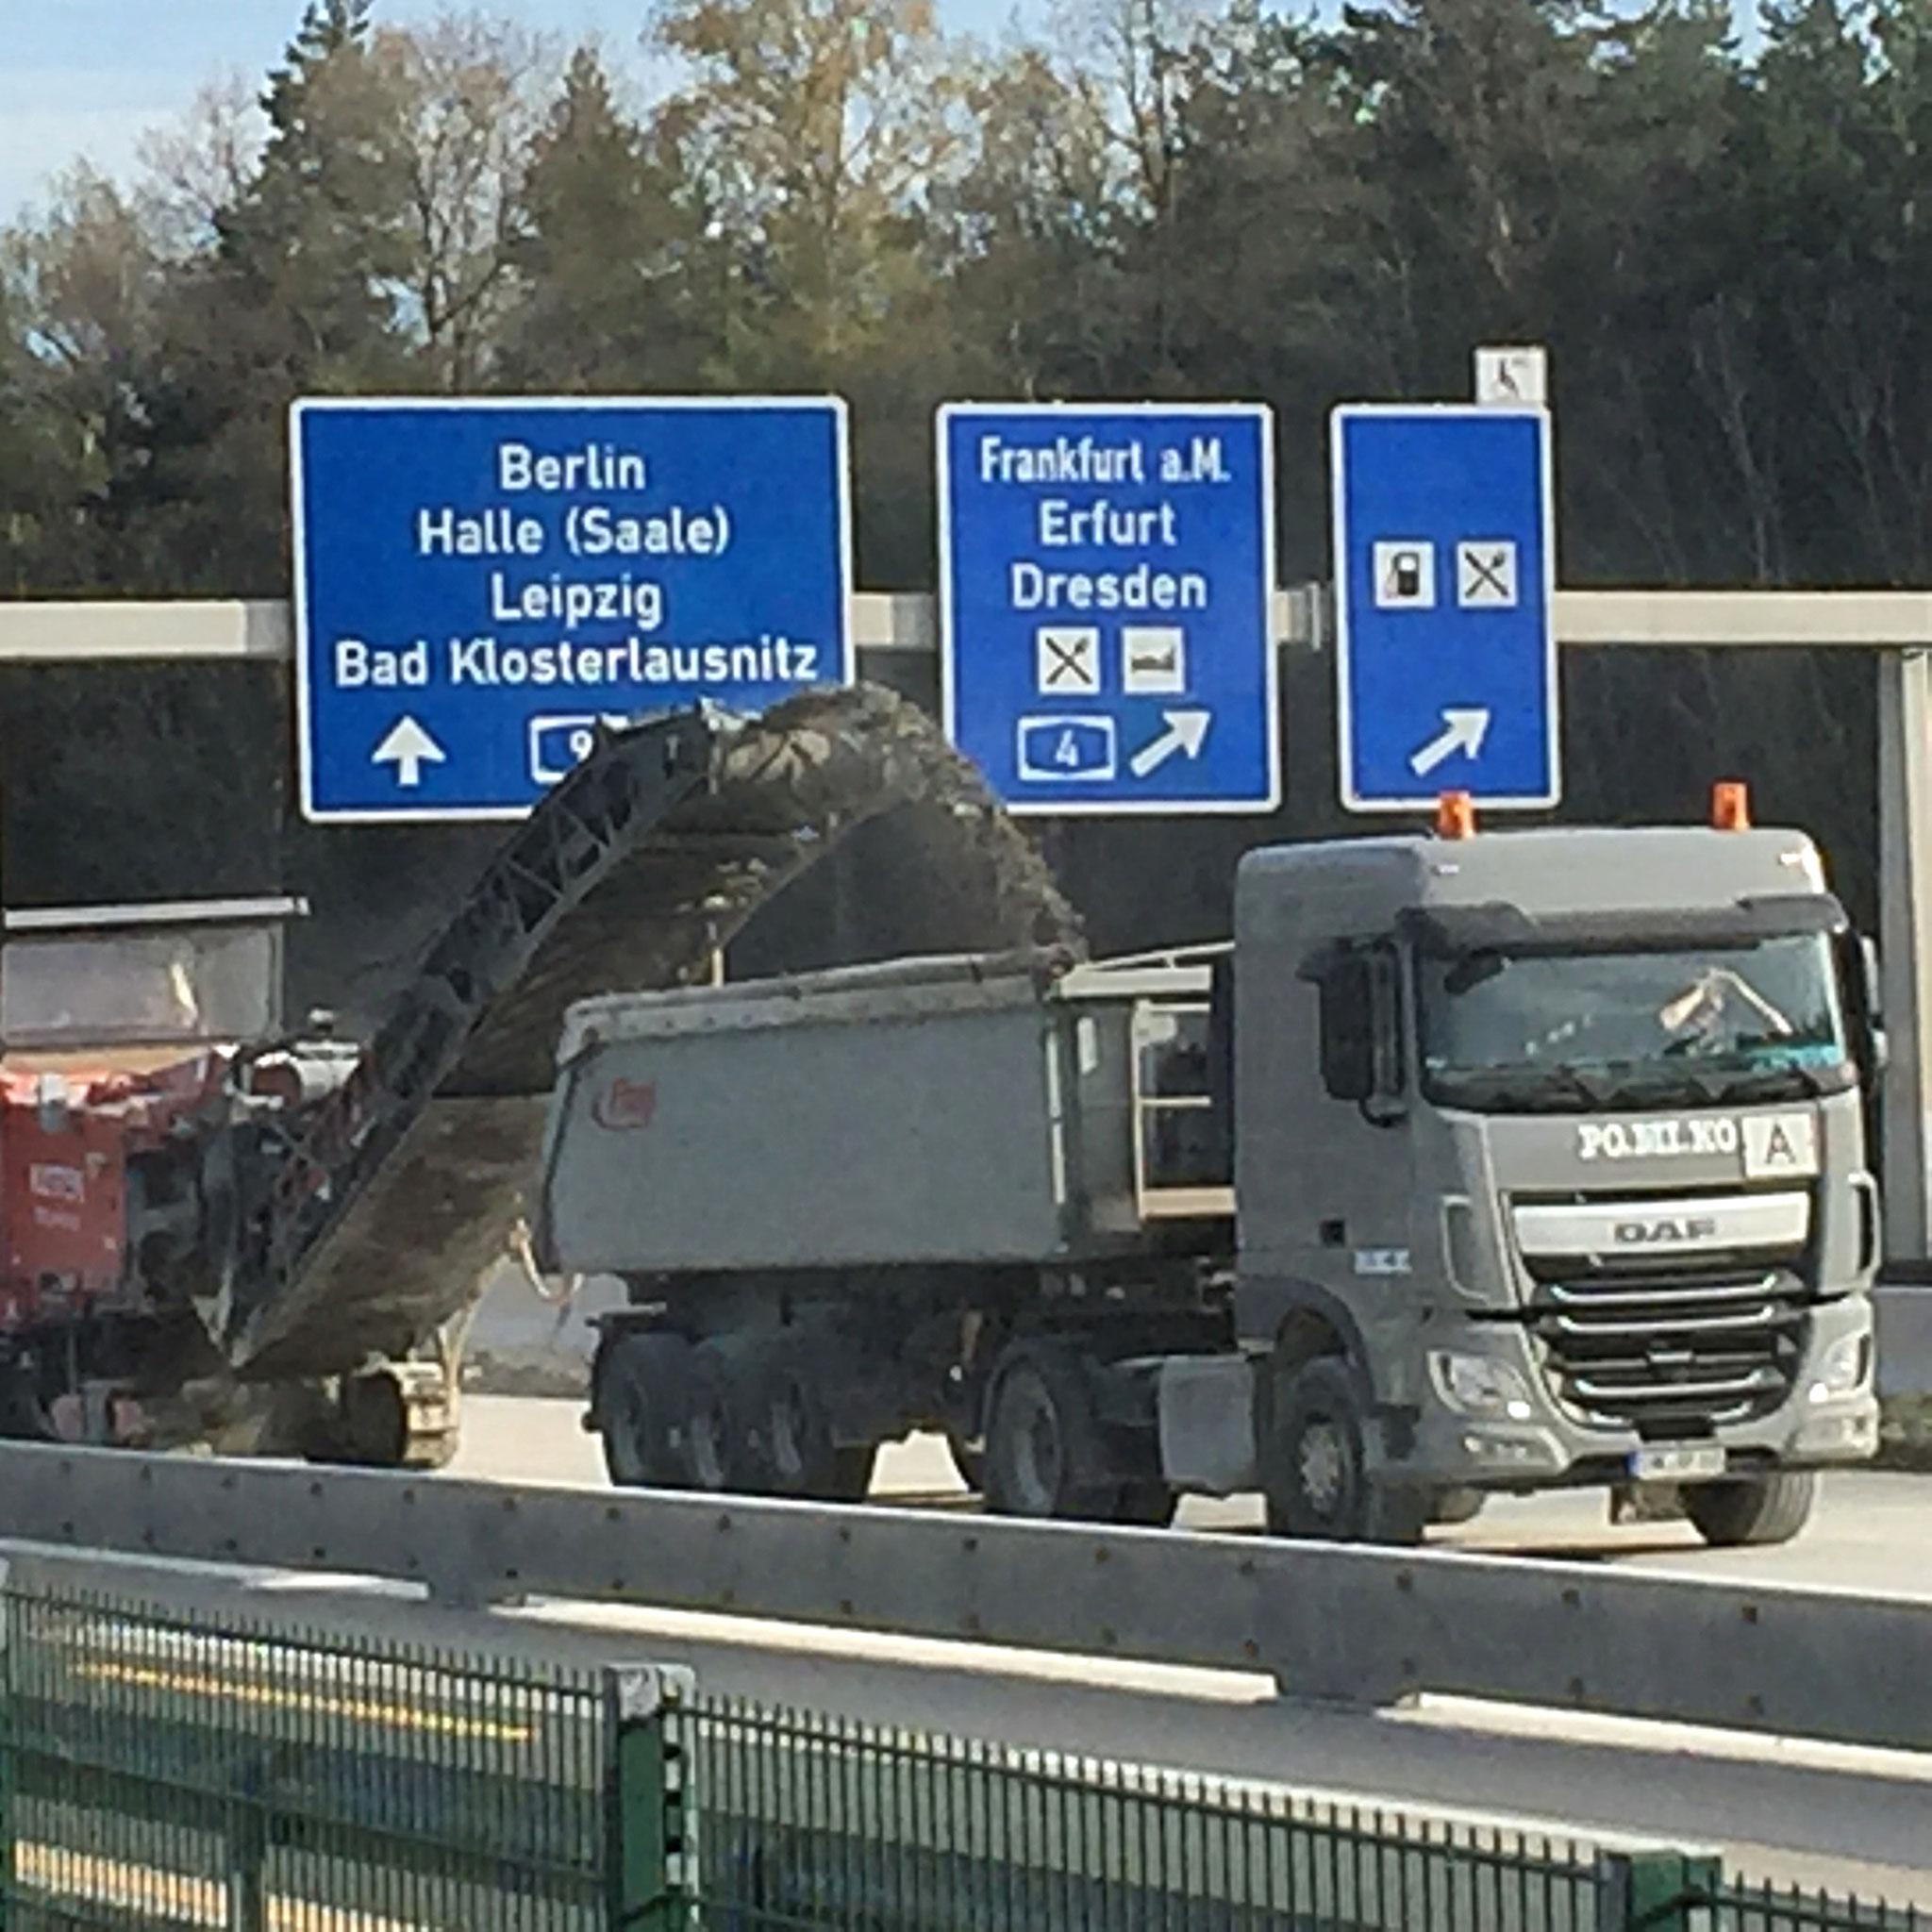 Einsatz auf Autobahnbaustellen im Schichtbetrieb